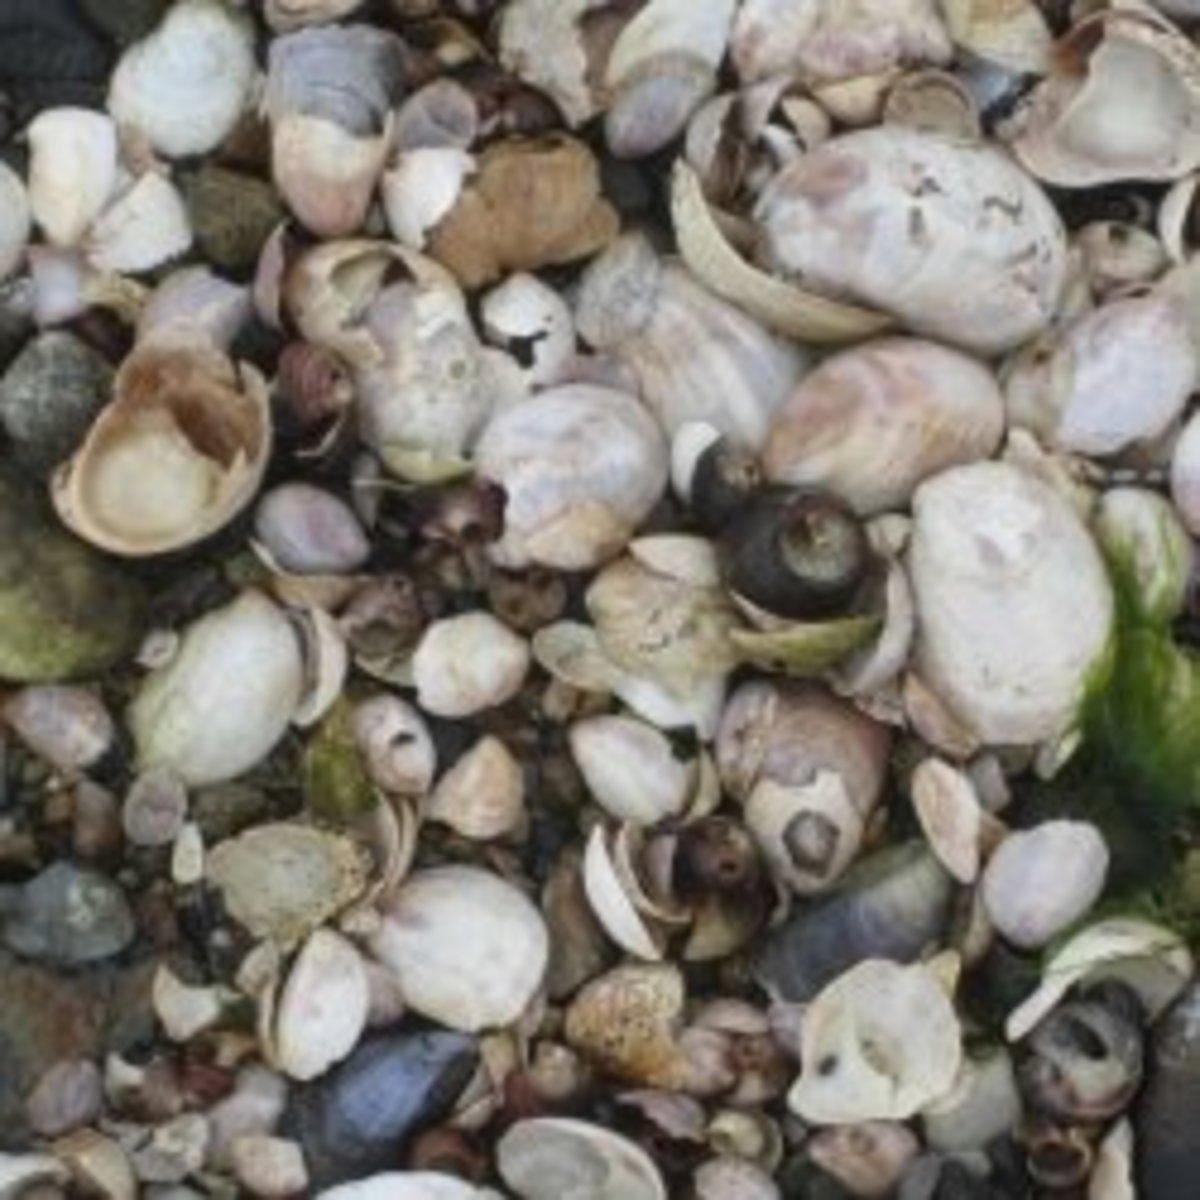 Seashells from the Seashore